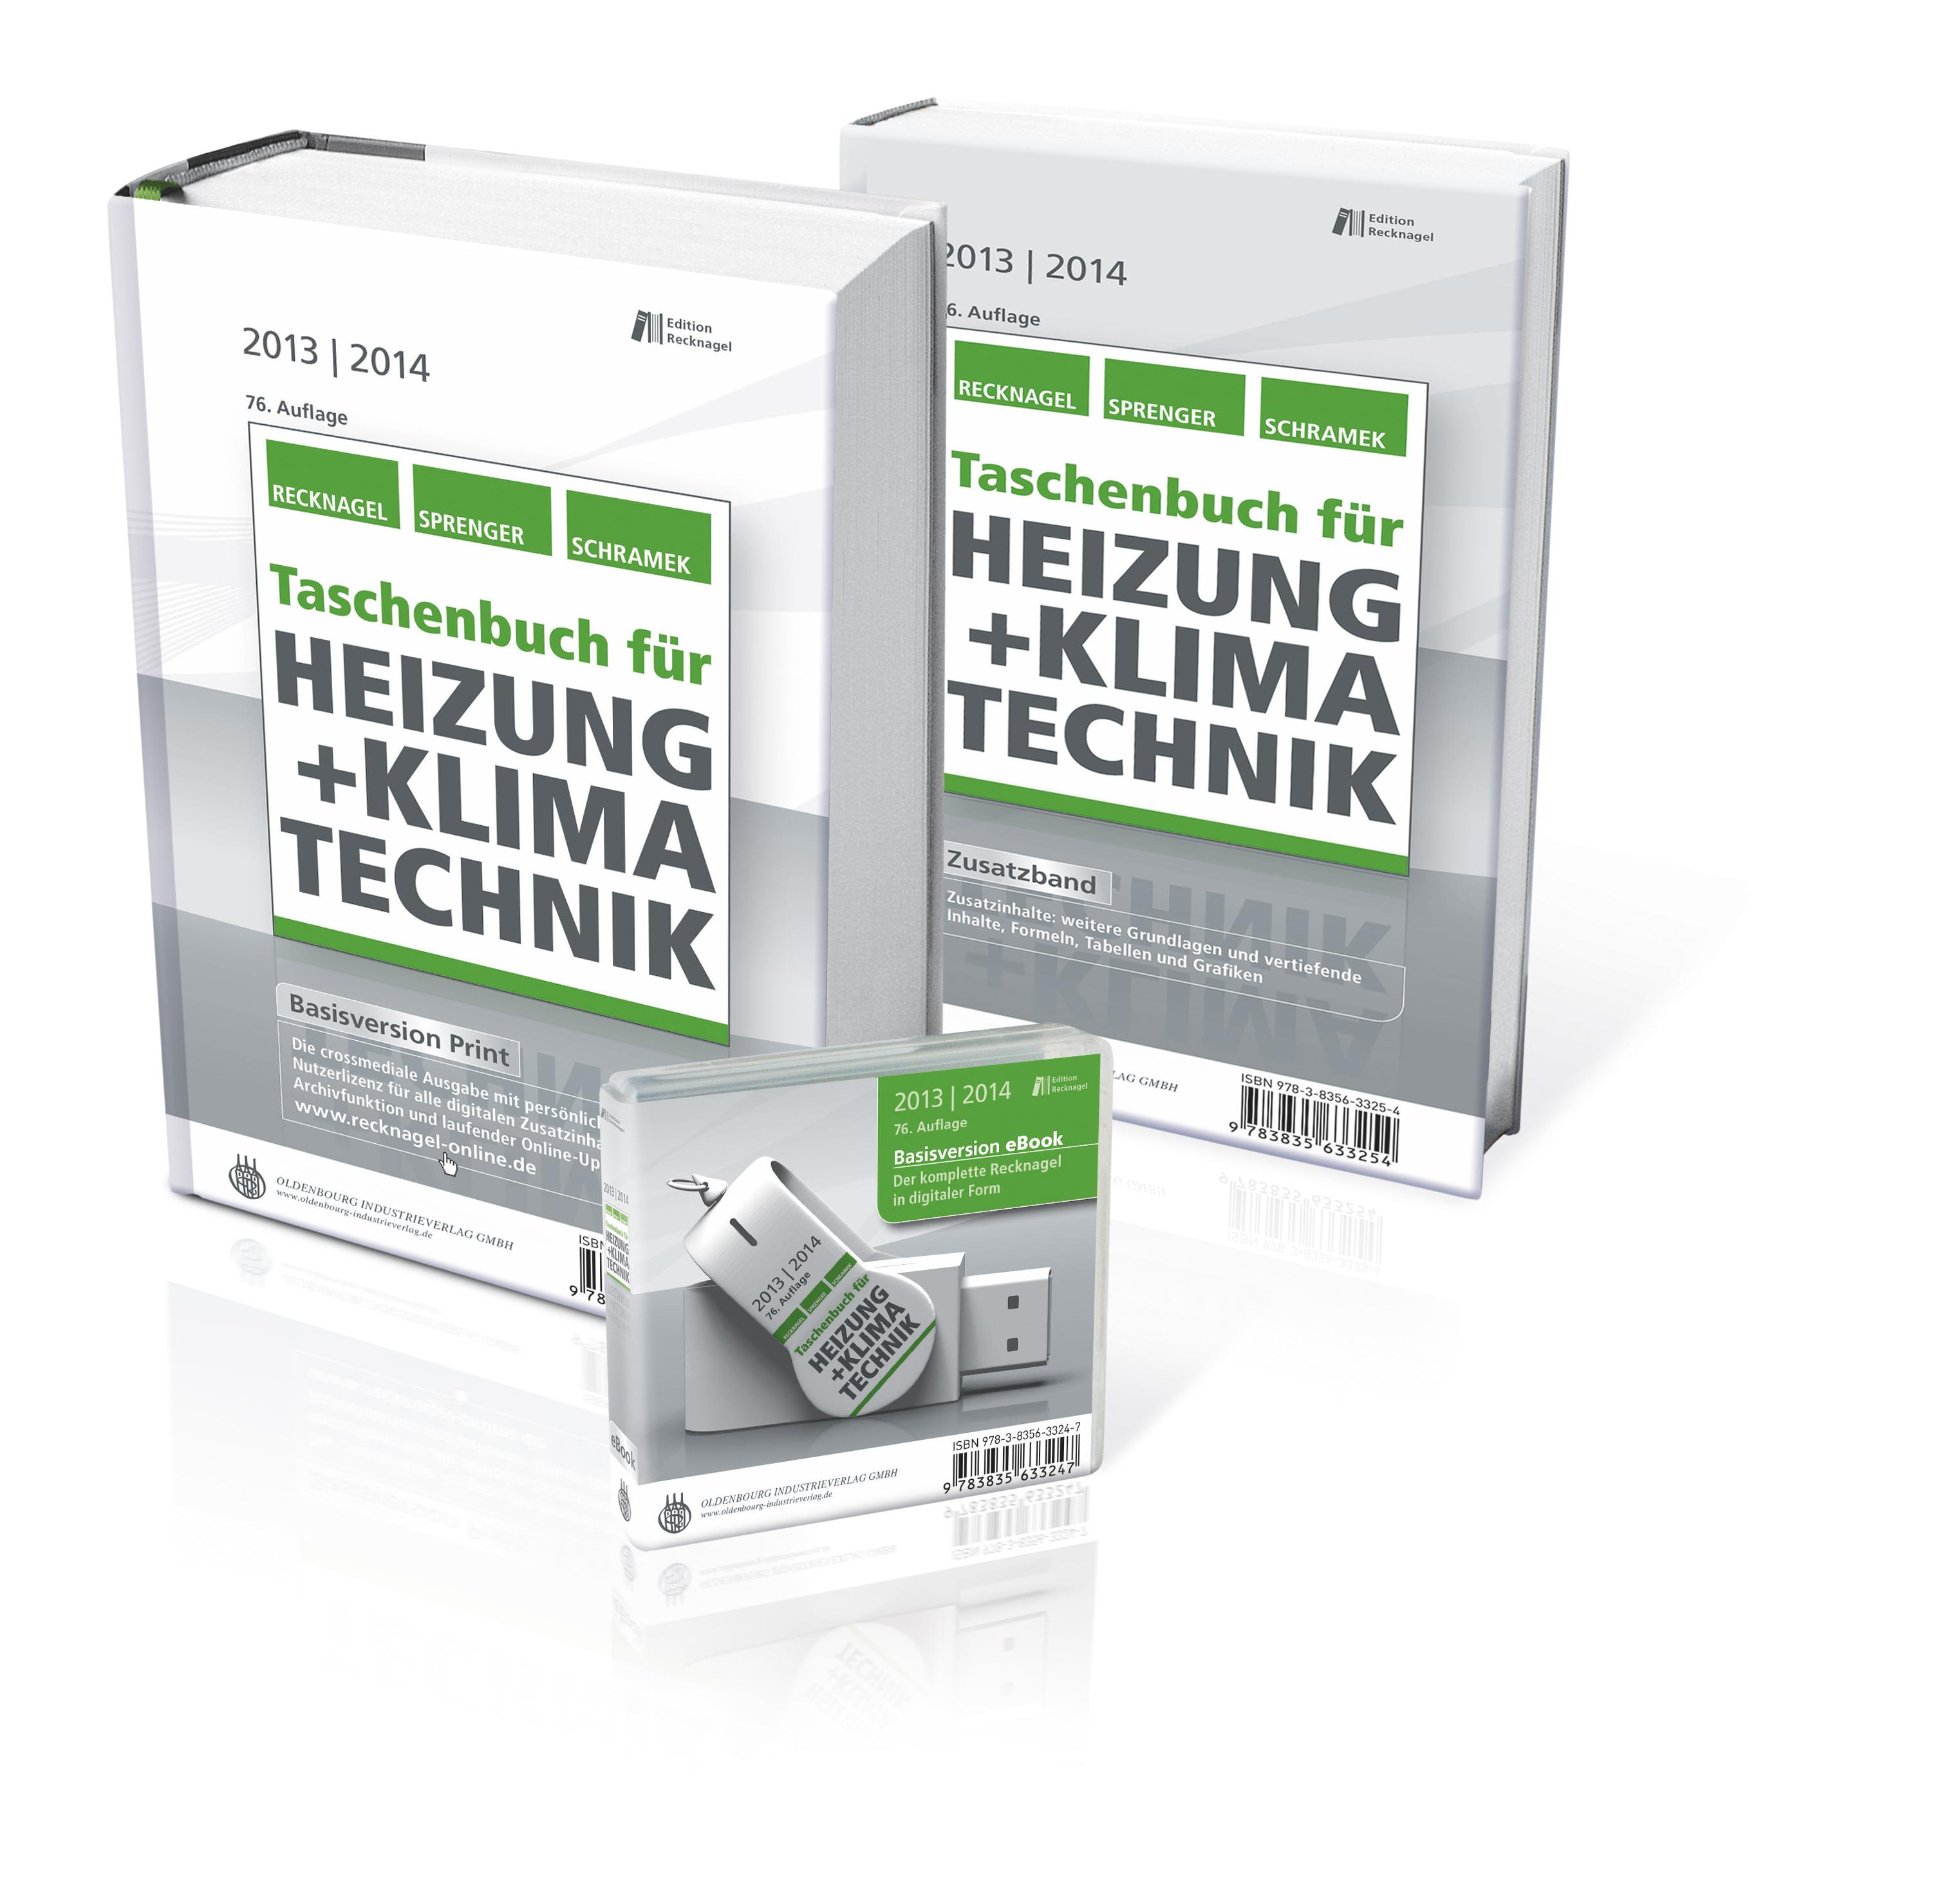 Taschenbuch für Heizung + Klimatechnik 13/14 - Premiumversion - Hermann Recknagel et al. (Hrsgs.) [Basisversion Print + Zusatzband Print + eBook (pdf auf USB-Stick)]